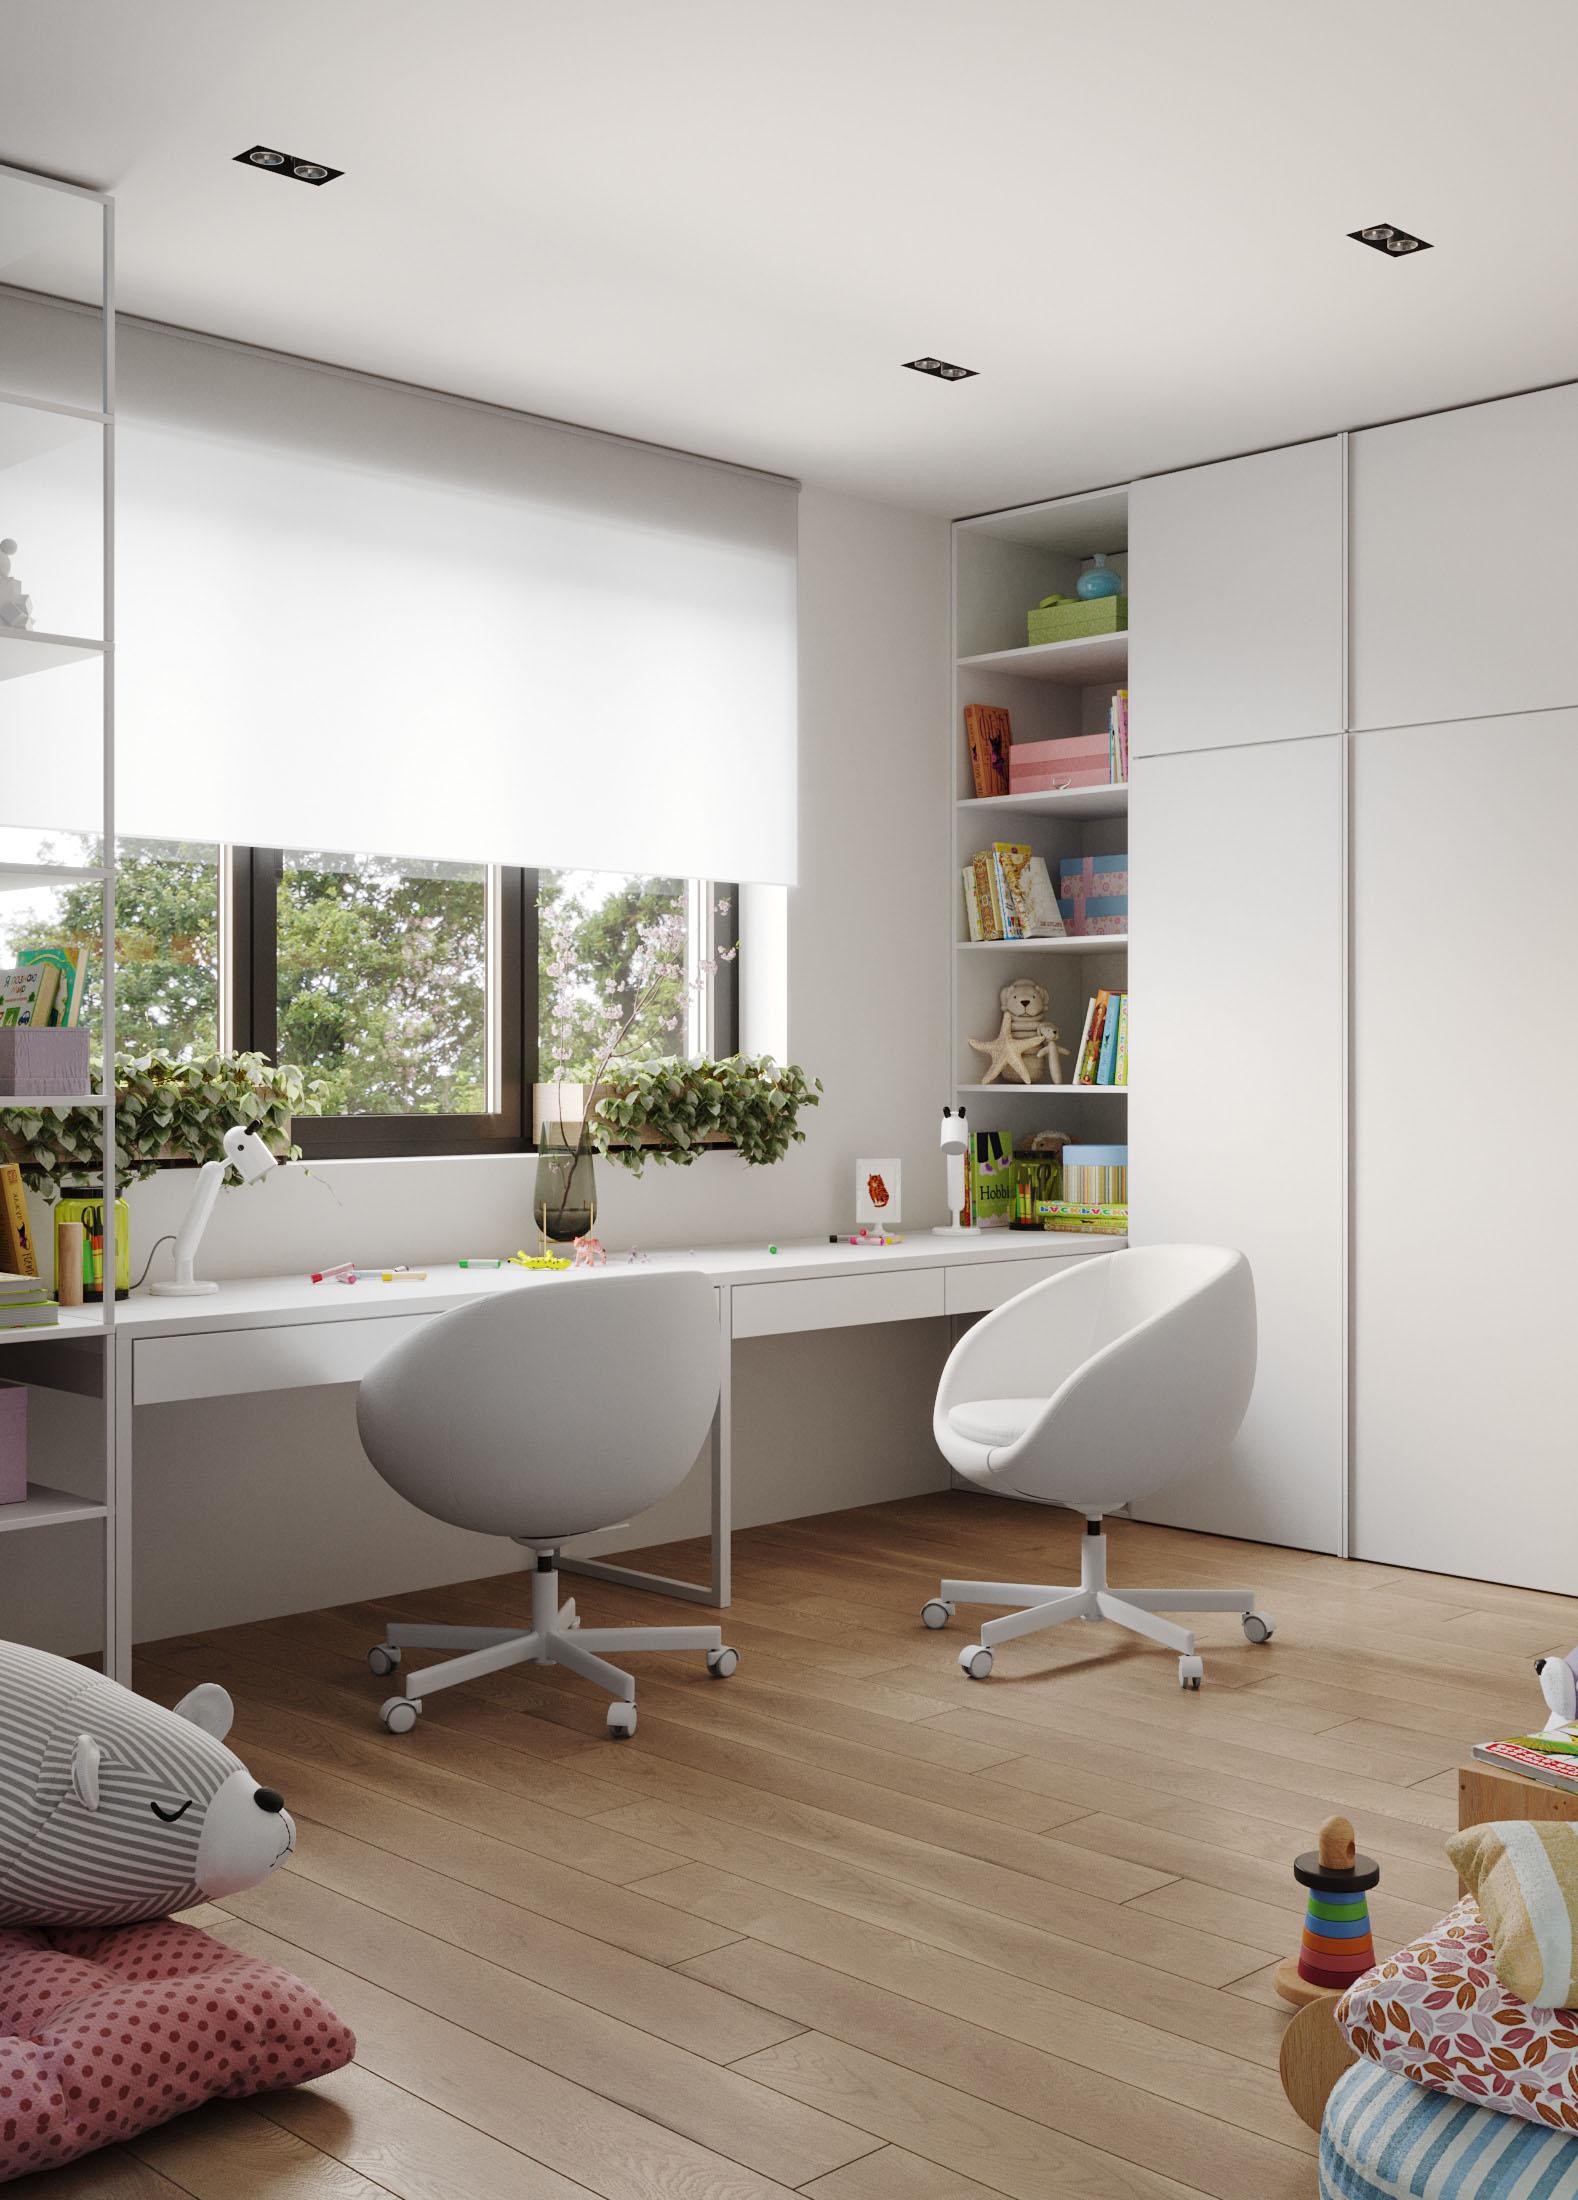 Kiến trúc sư tư vấn thiết kế căn hộ  50m² cho 3 người, chi phí tiết kiệm chỉ 114 triệu đồng - Ảnh 11.